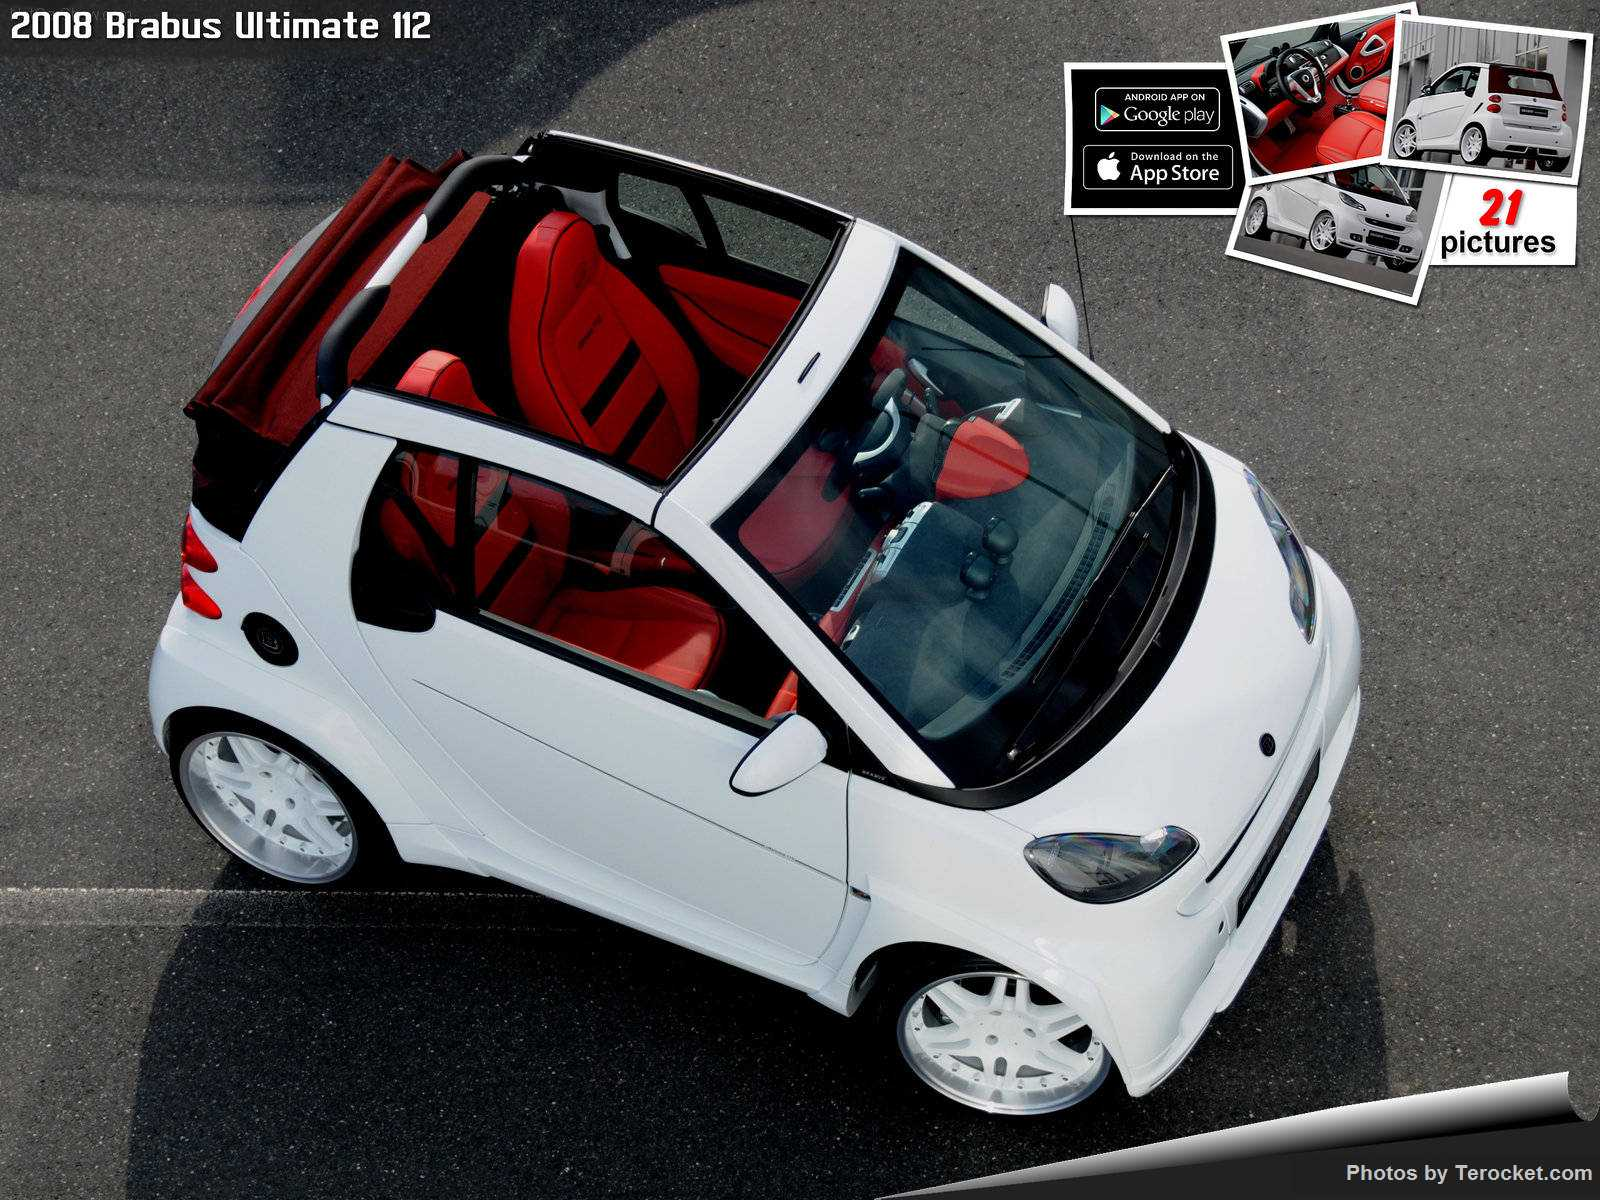 Hình ảnh xe ô tô Brabus Ultimate 112 2008 & nội ngoại thất